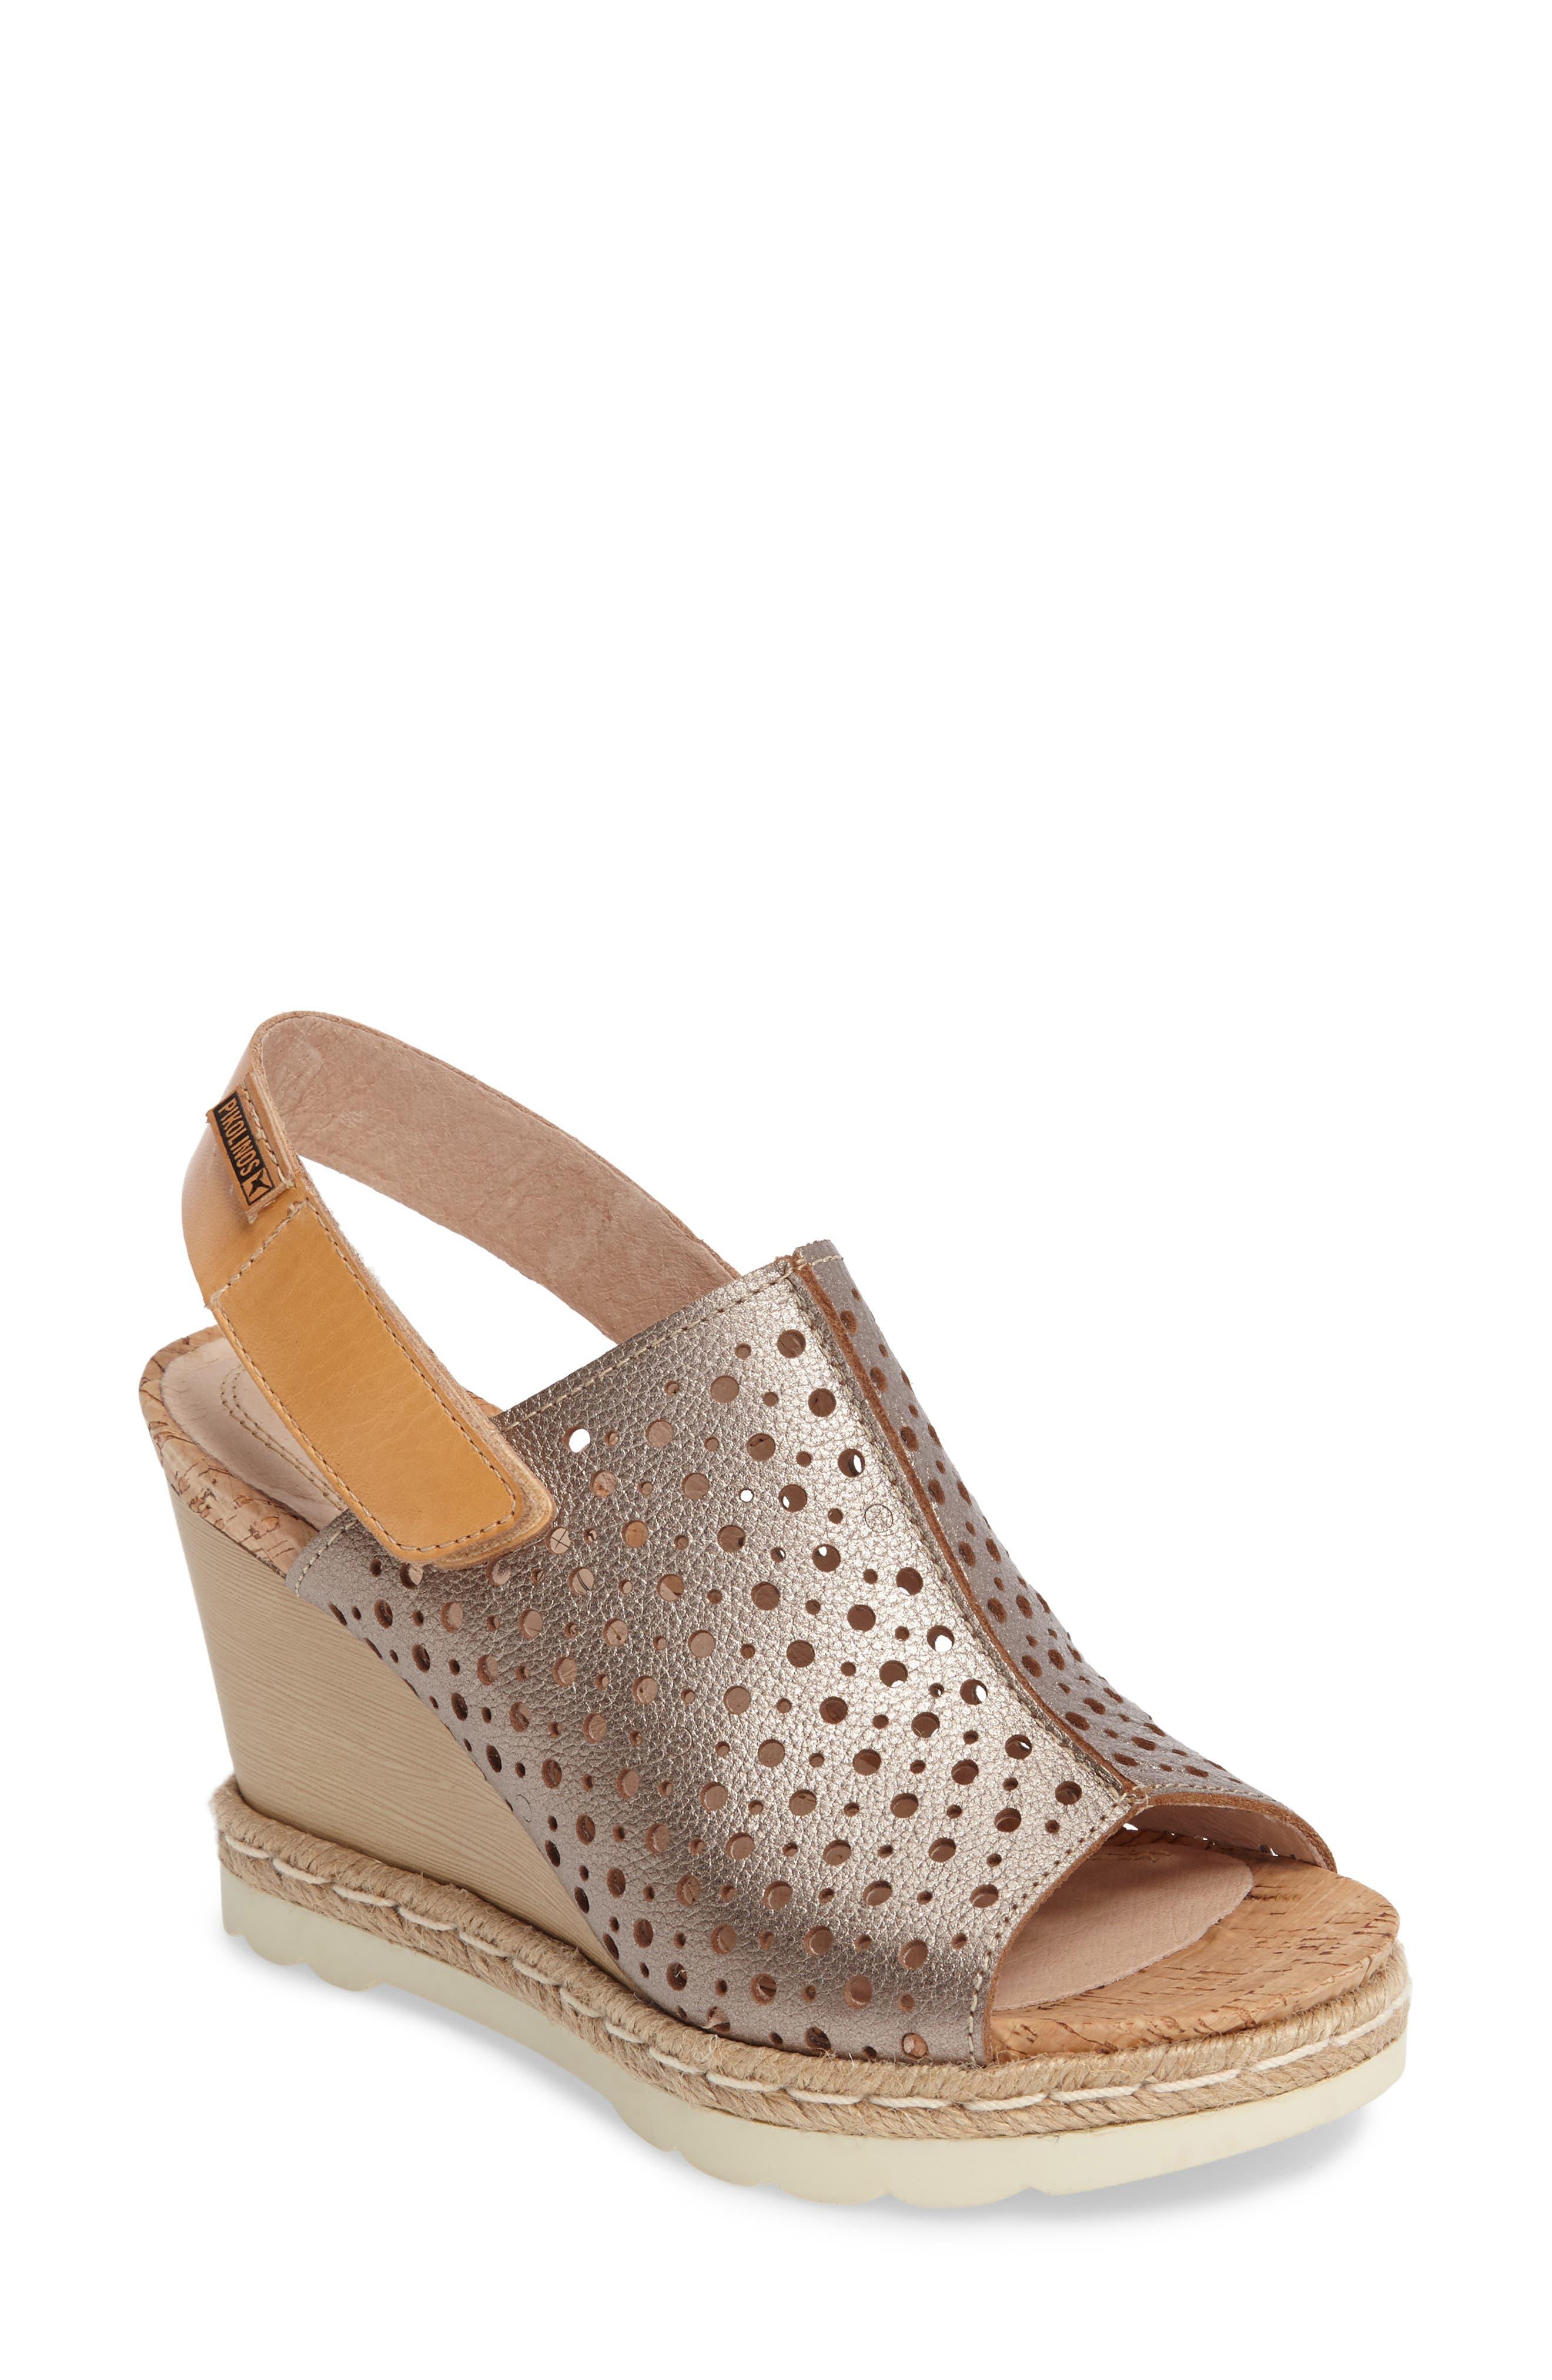 Alternate Image 1 Selected - PIKOLINOS Bali Wedge Sandal (Women)